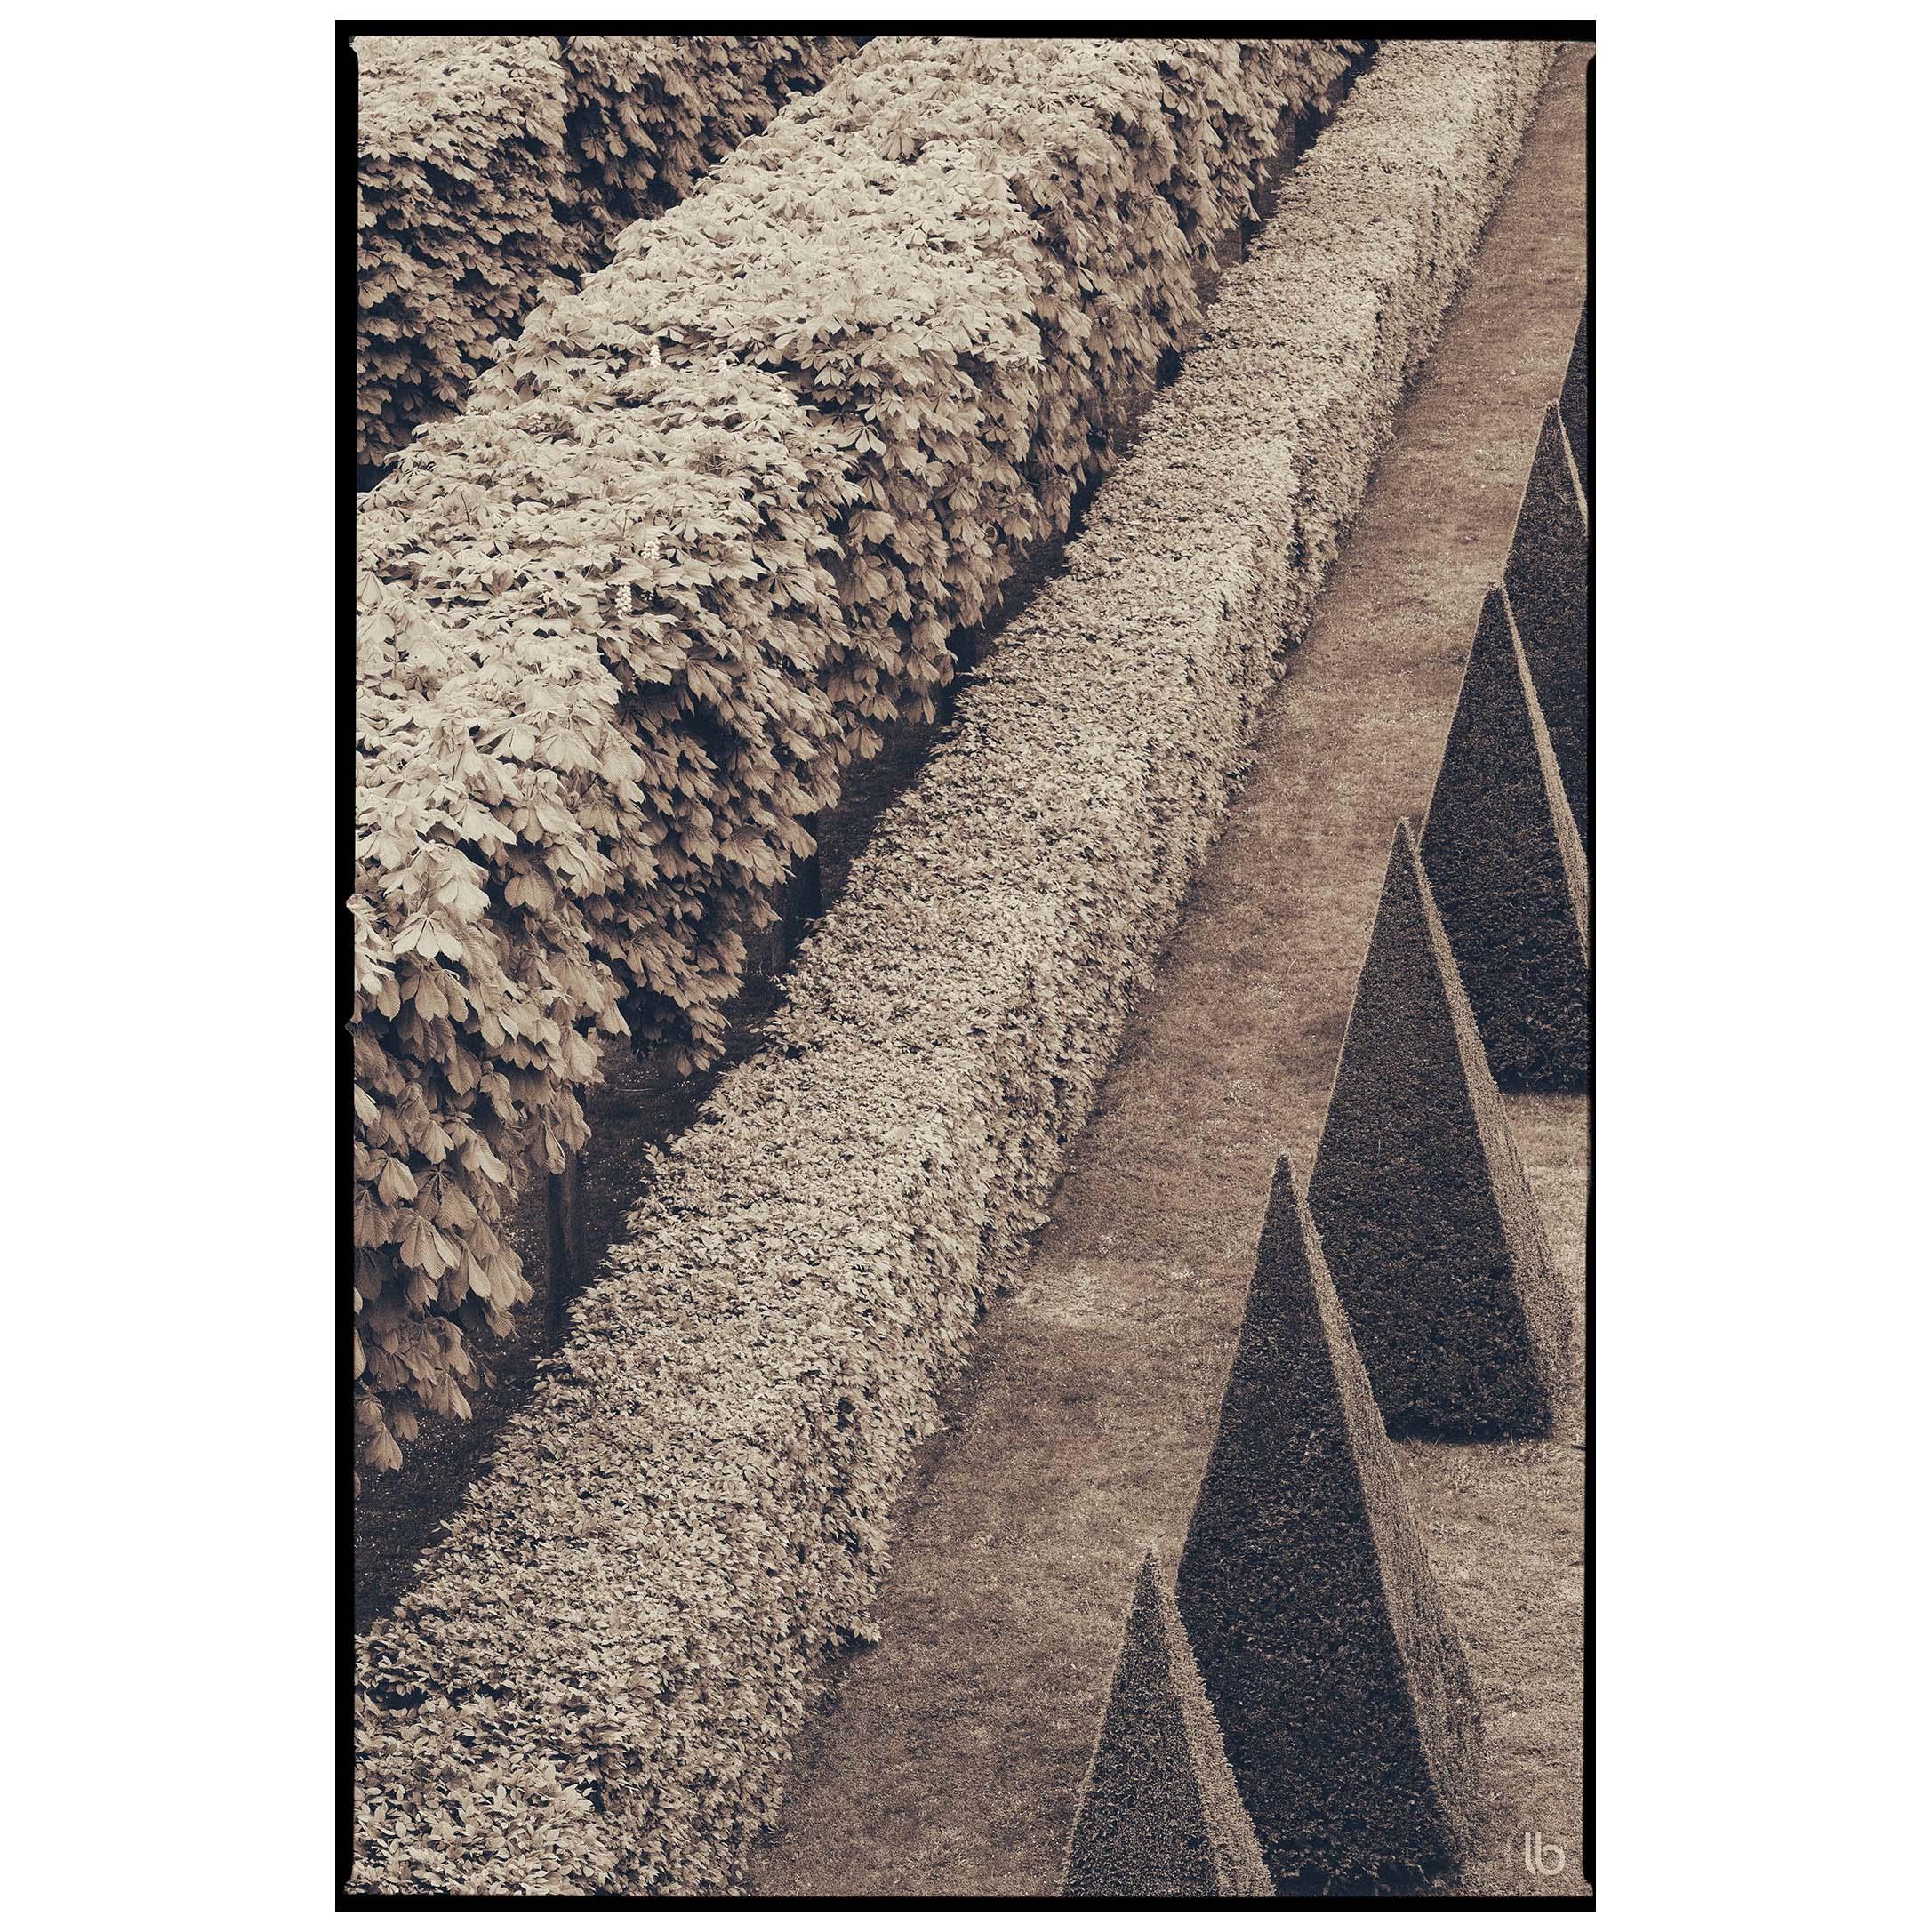 Alignements des jardins à la française - 20190425 - by laurence bichon photographe meudon